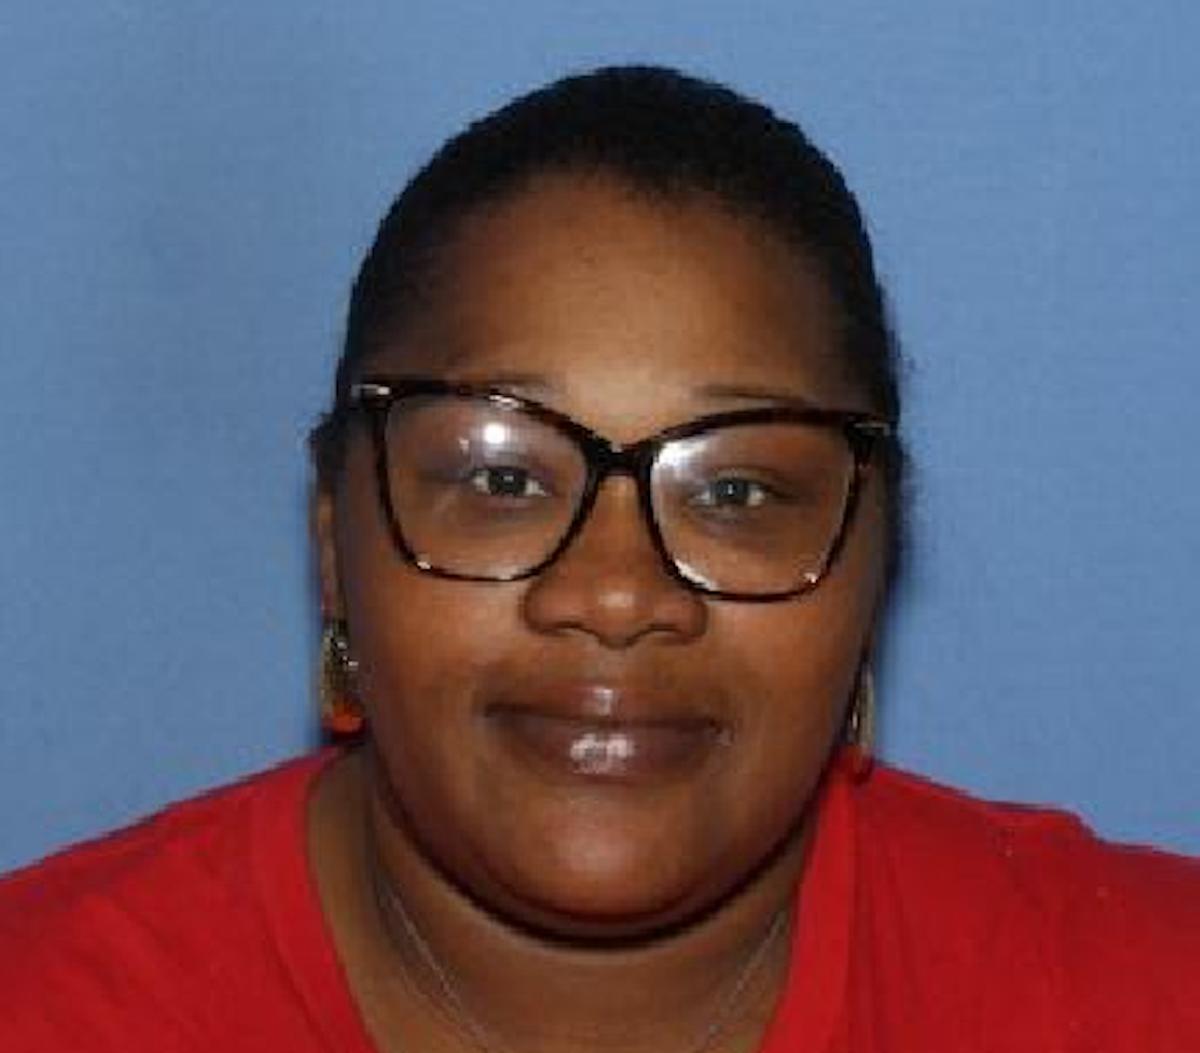 Police: Arkansas mother arrested in death of 10-month-old son | Arkansas Democrat-Gazette